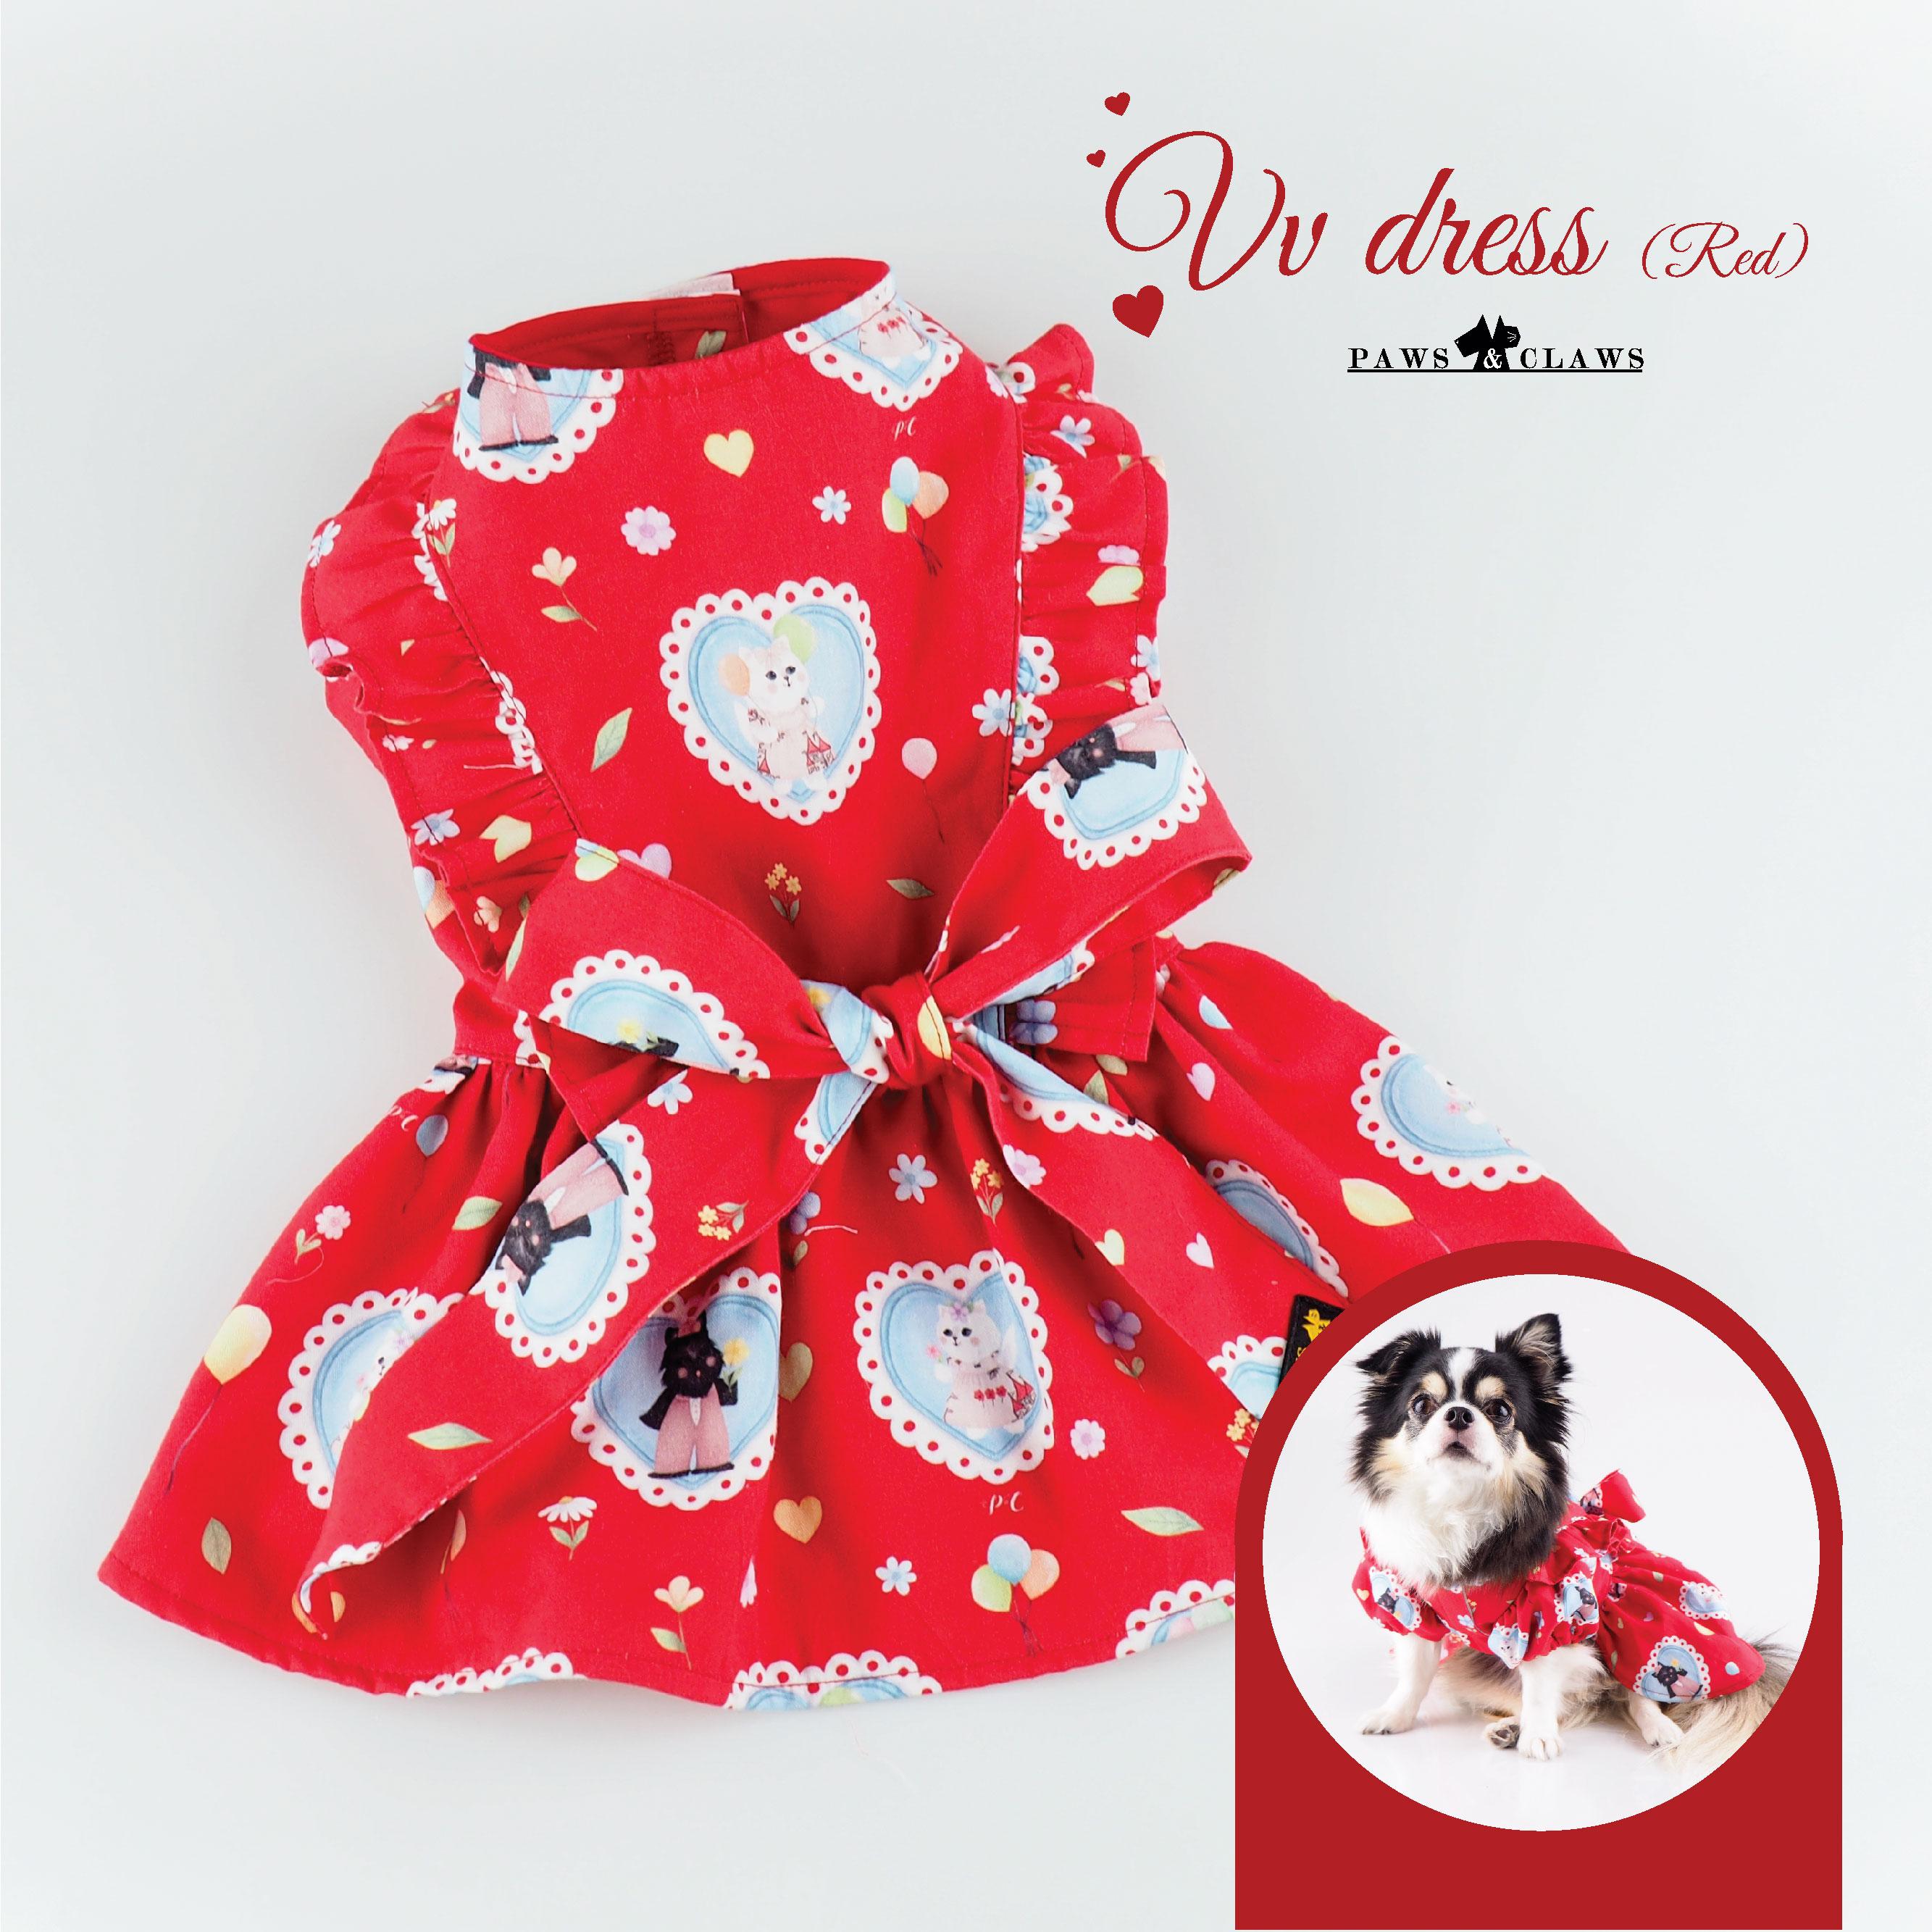 VV dress (Red)